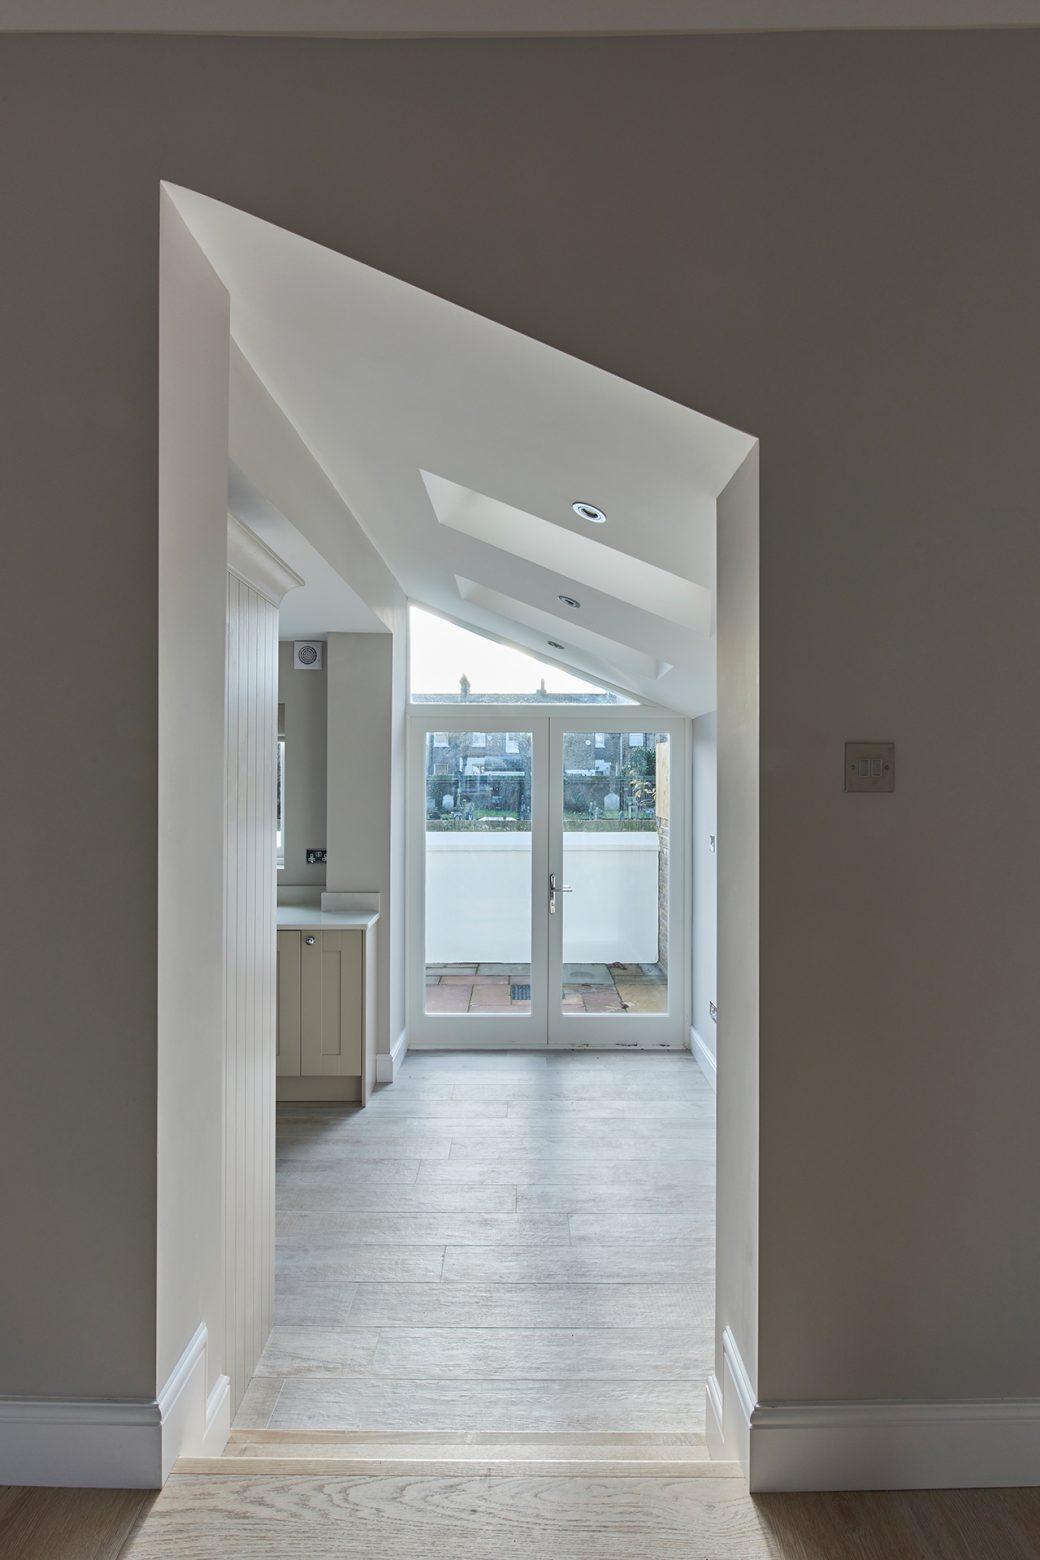 Diagonal door frame